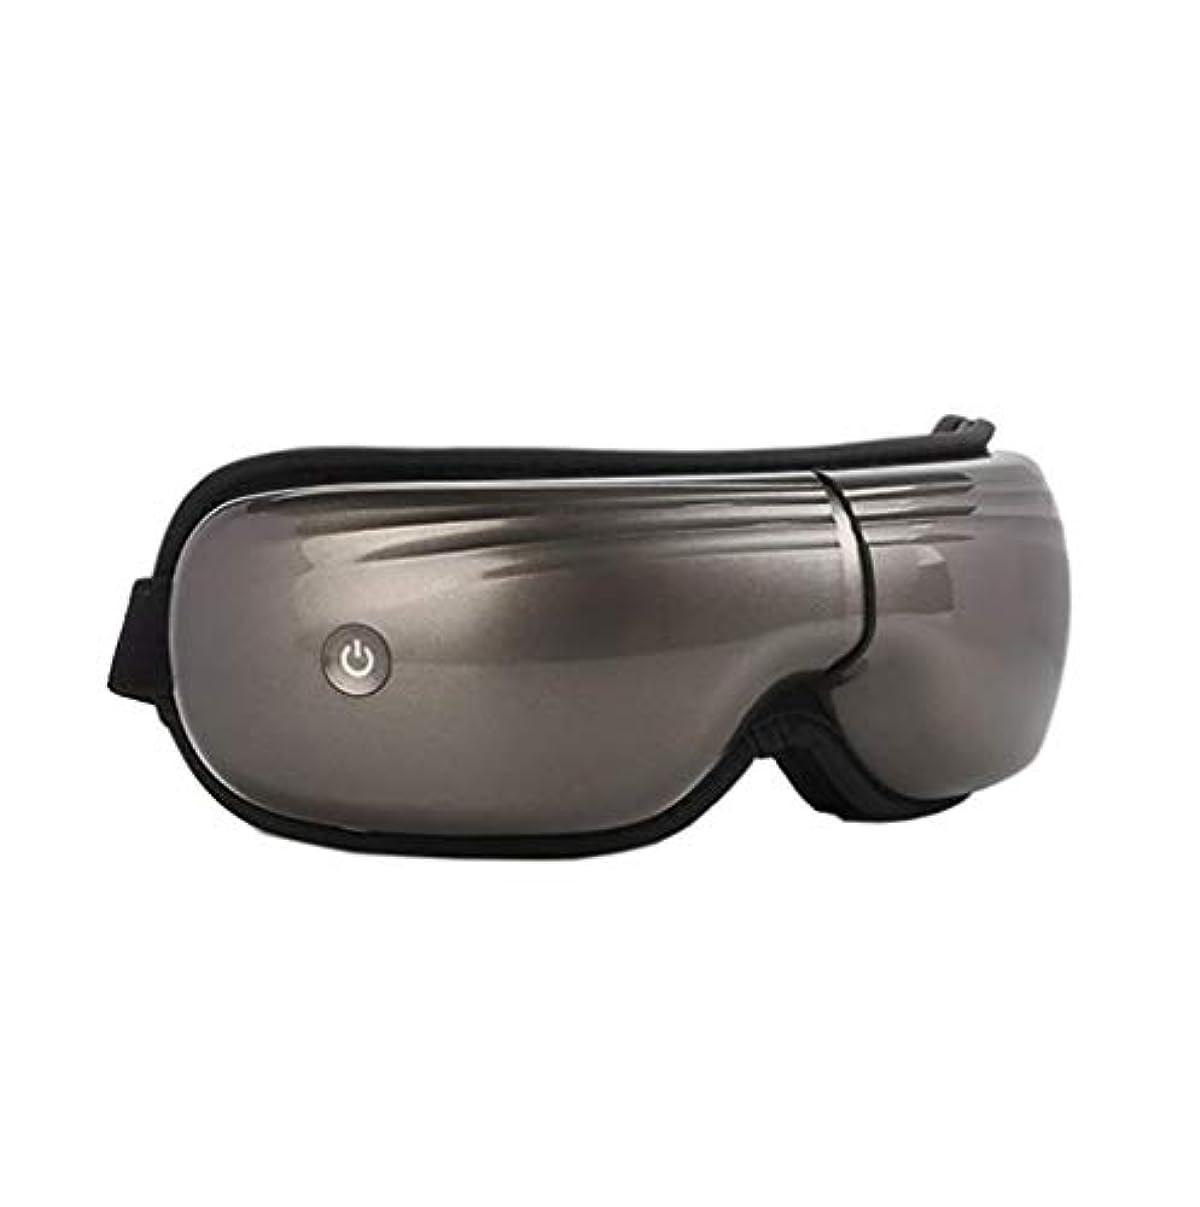 オンスシェトランド諸島意欲マッサージアイマスク、5つの調整可能なマッサージモードを備えた振動式ワイヤレスアイマッサージャー、なだめるような音楽、アイリラクシングアイバッグとダークサークル、目の疲れを和らげる (Color : Grey)